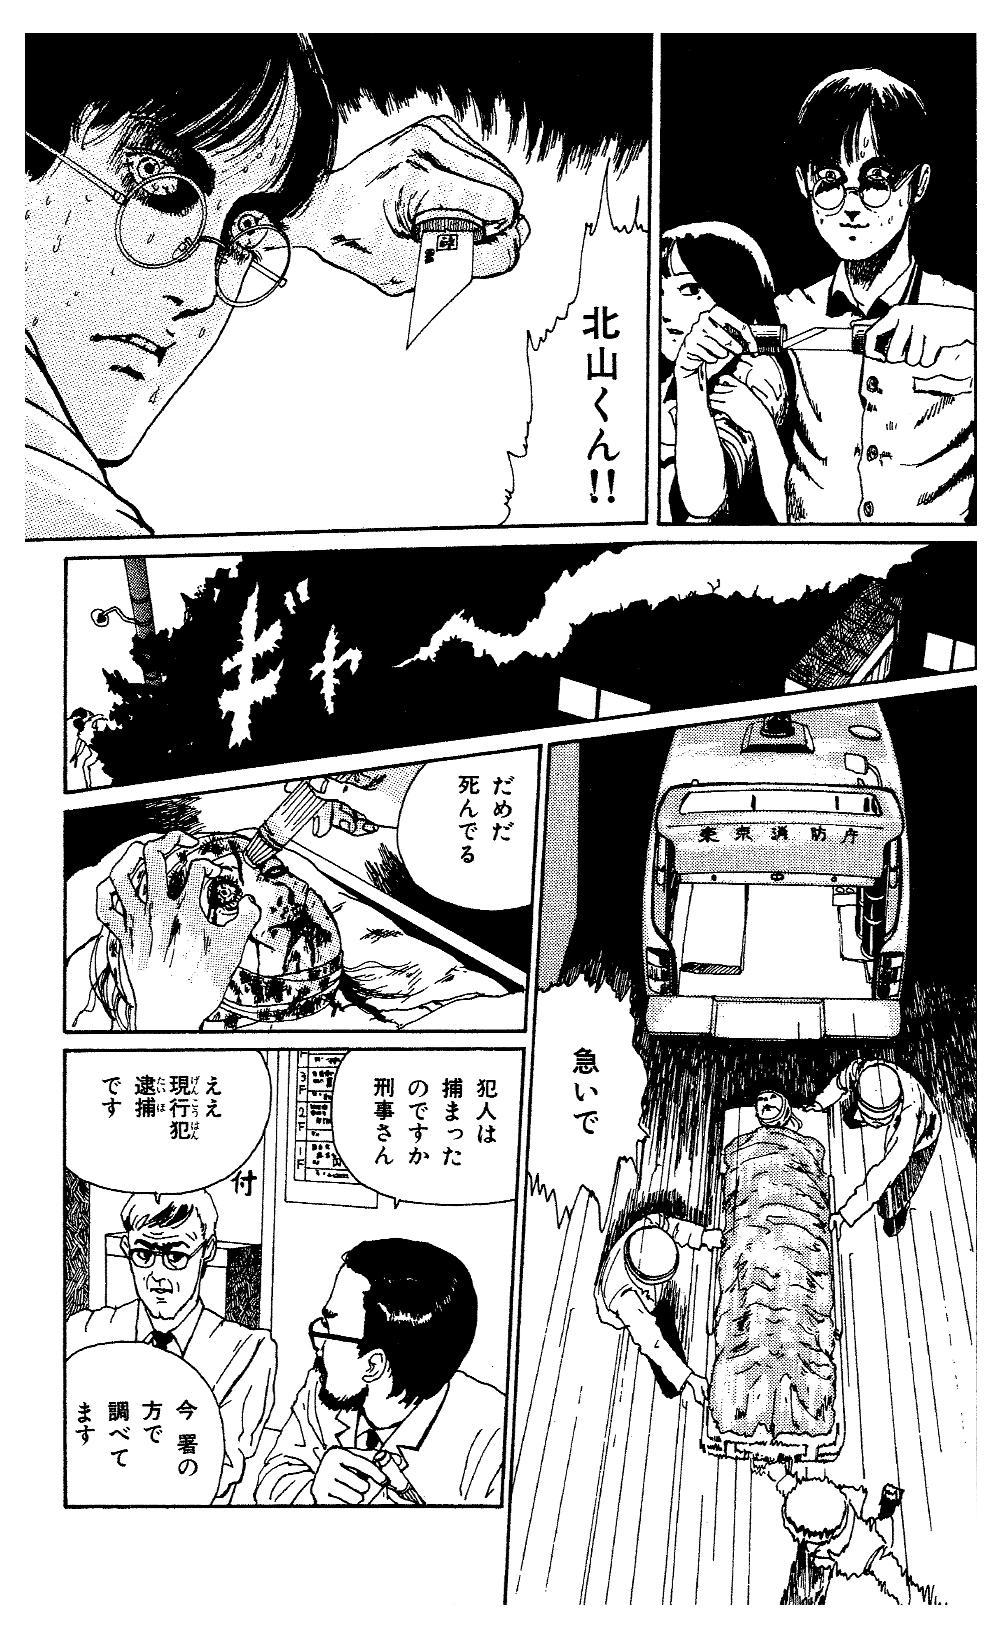 伊藤潤二傑作集 第2話「富江 森田病院編」②itojunji05-07.jpg